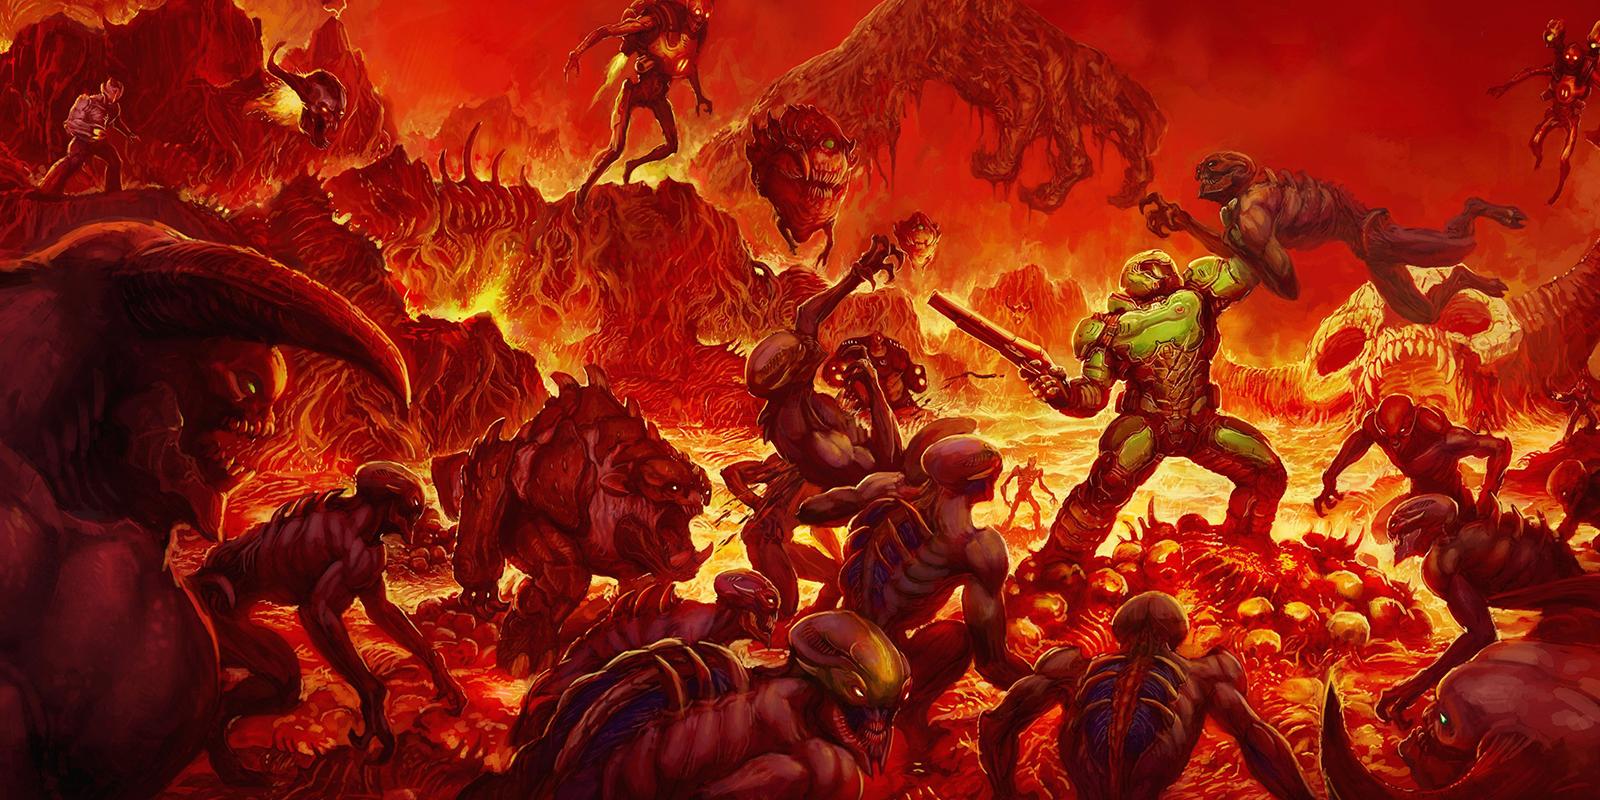 Doom ma prawie 30 lat i nadal bawi. W czym tkwi sekret tej serii?